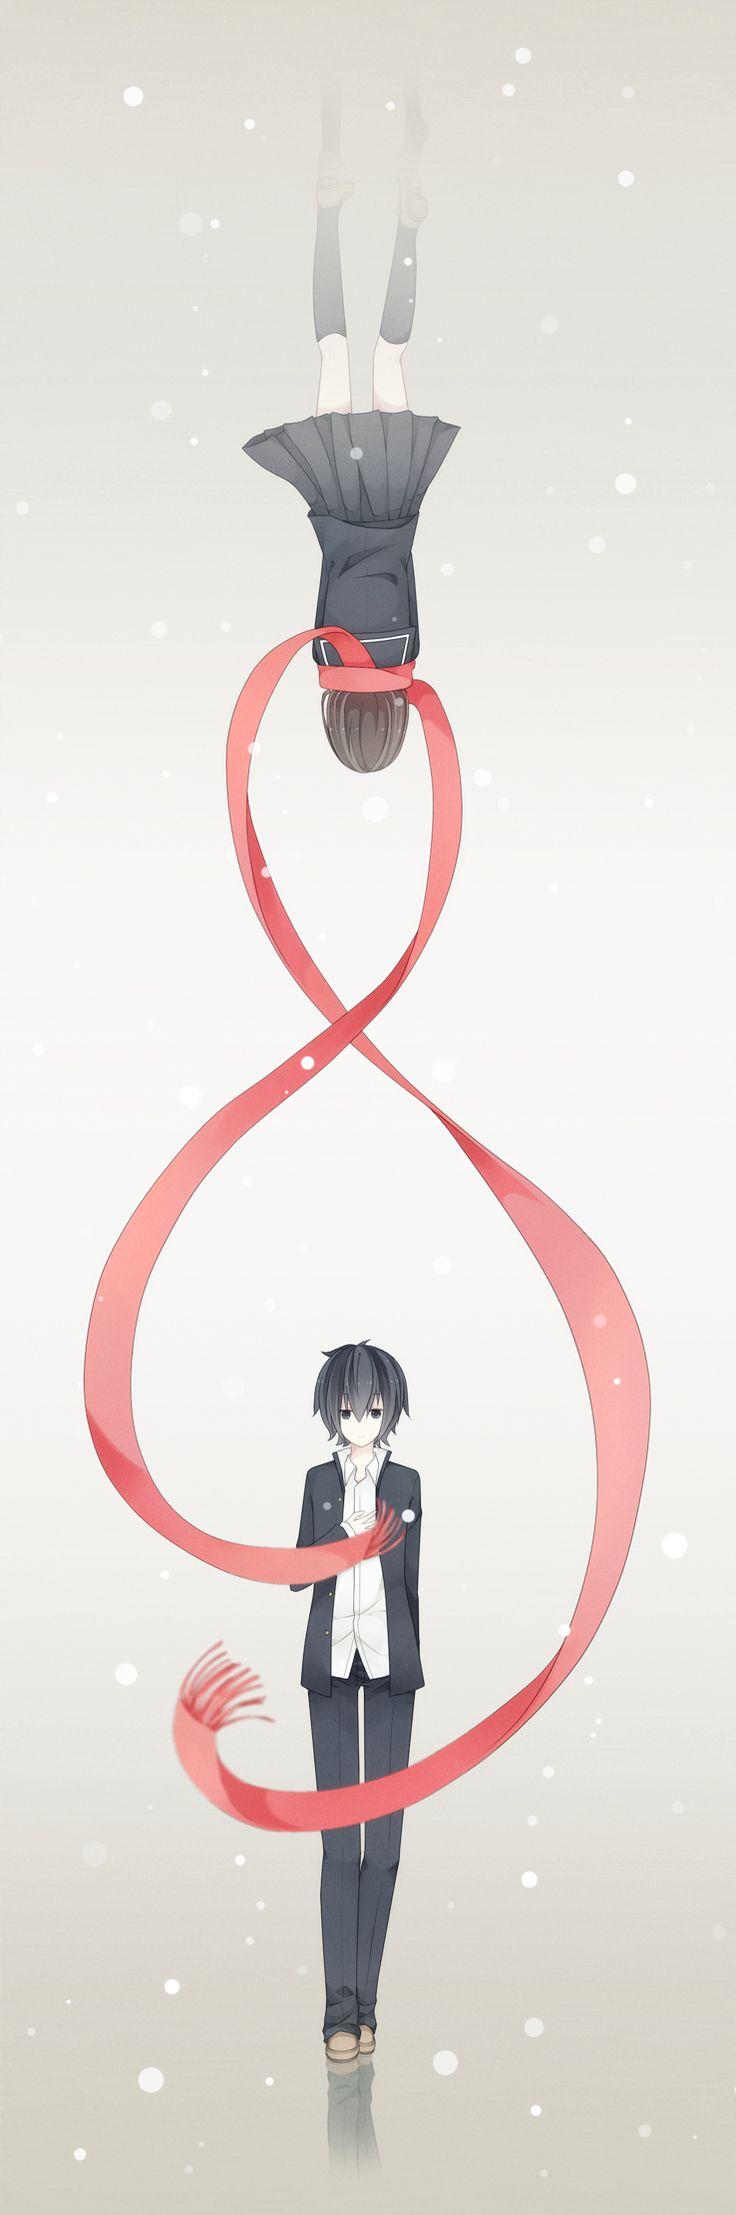 una nueva versión del hilo rojo del destino, me gusta!! :3